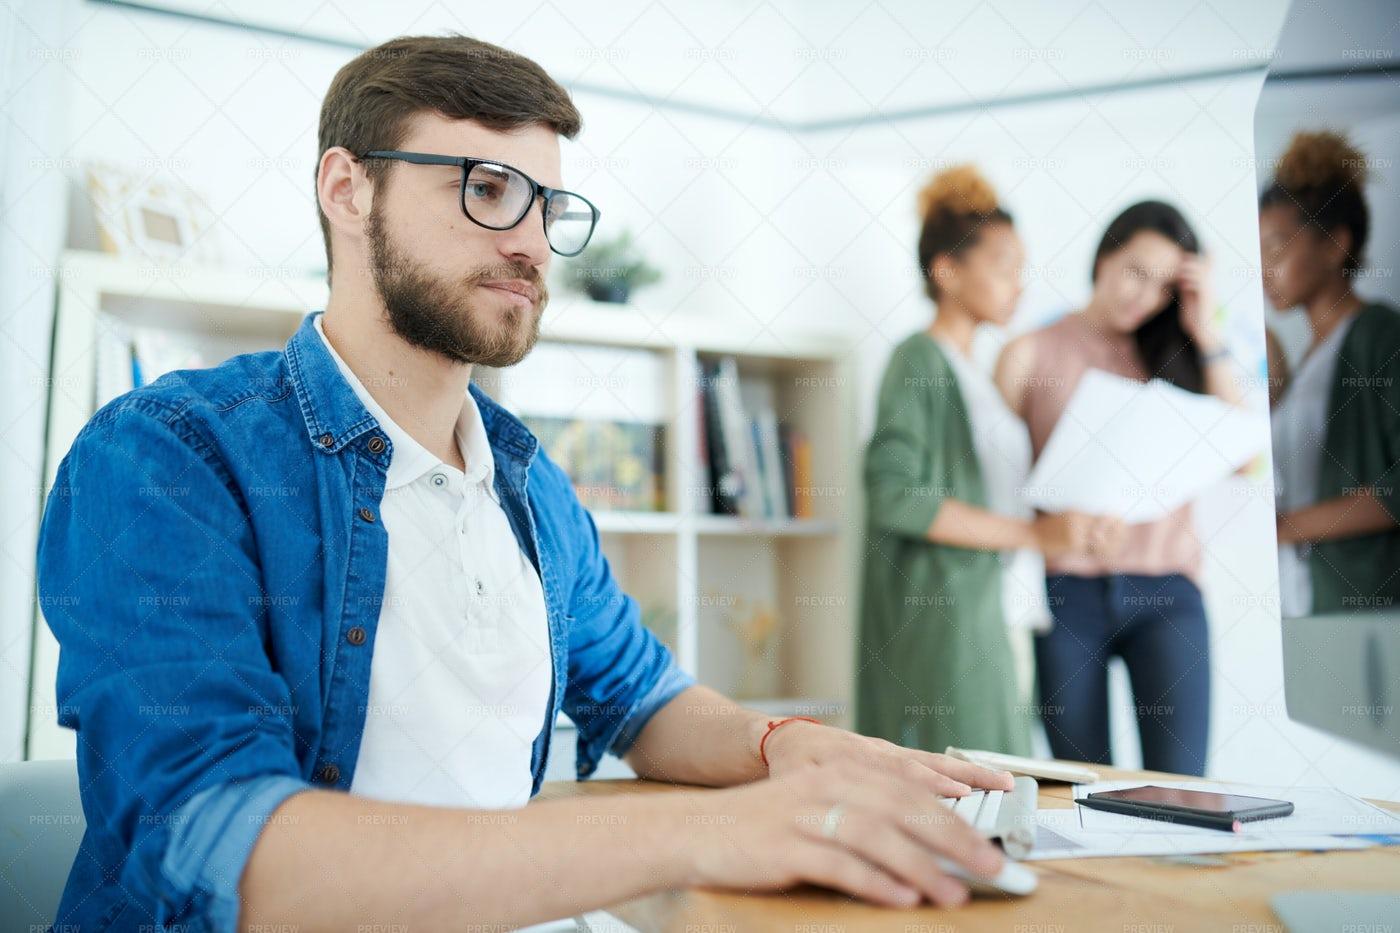 Young Businessman At Work: Stock Photos